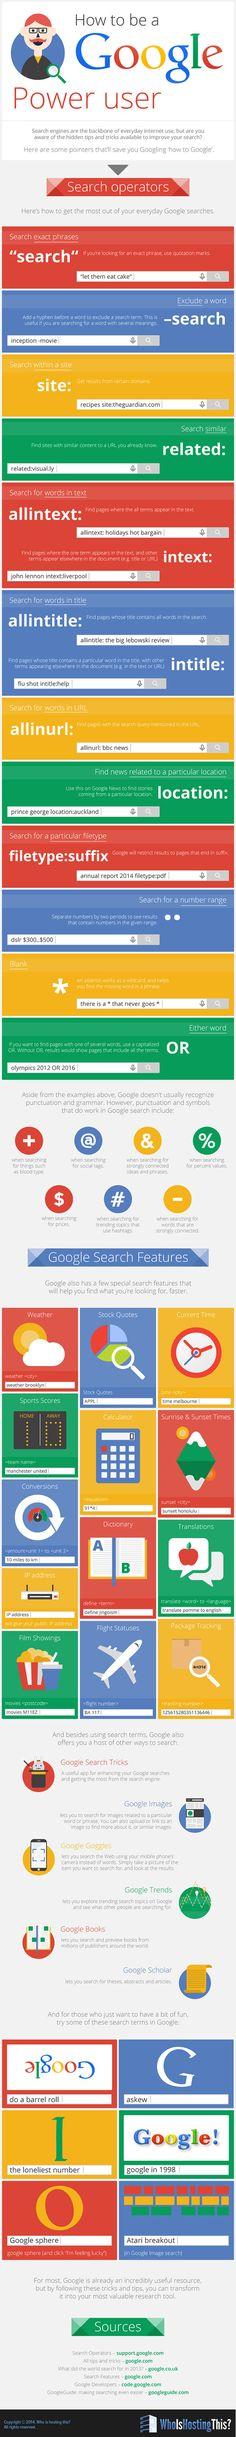 Effectiever zoeken in Google tips trics infographic